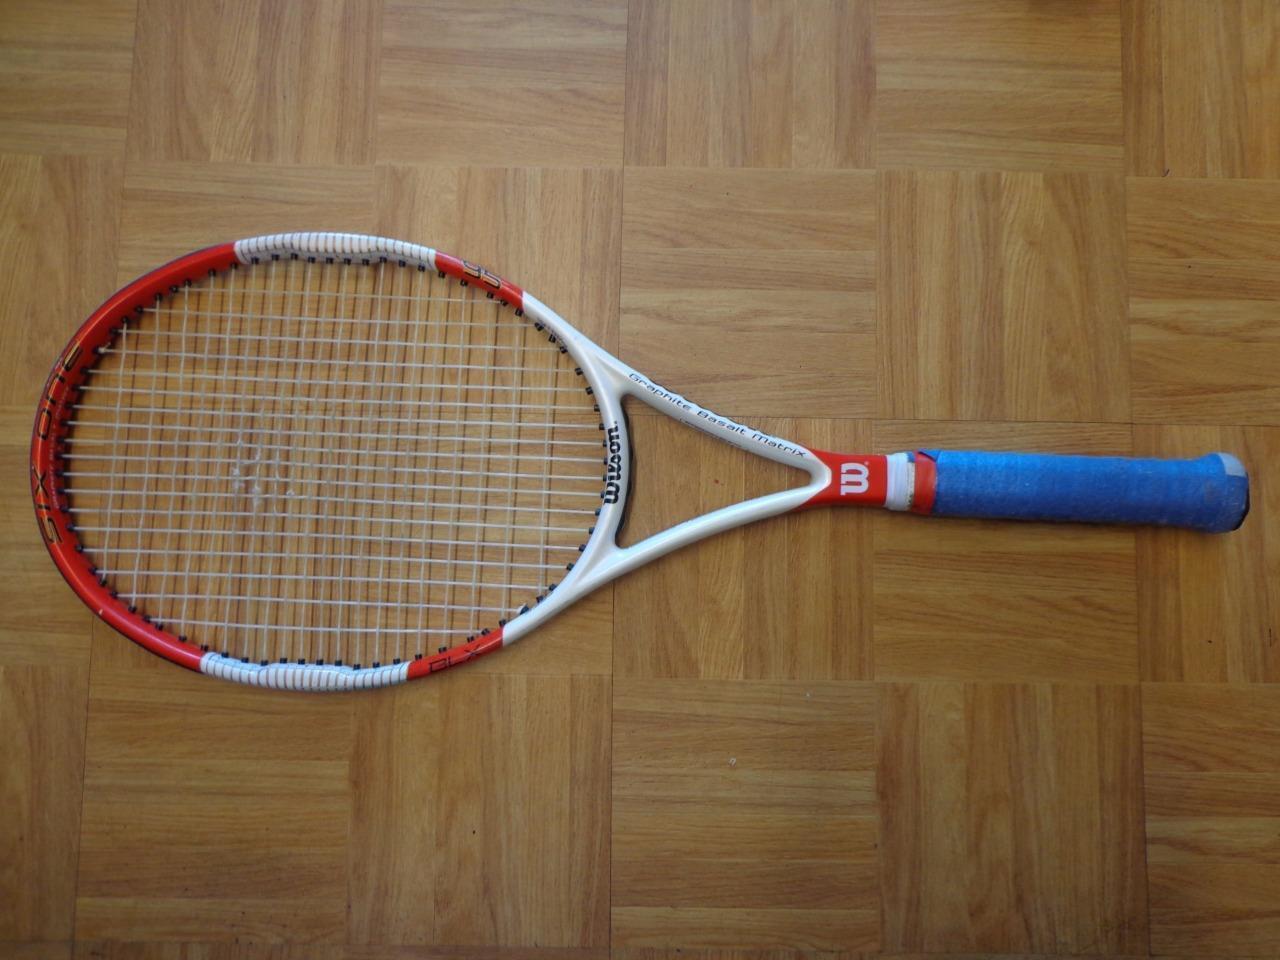 Wilson 2014 patrón de seis uno 95 18x20 11.7  OZ (approx. 331.68 g) 4 1 4 de Agarre Tenis Raqueta  wholesape barato